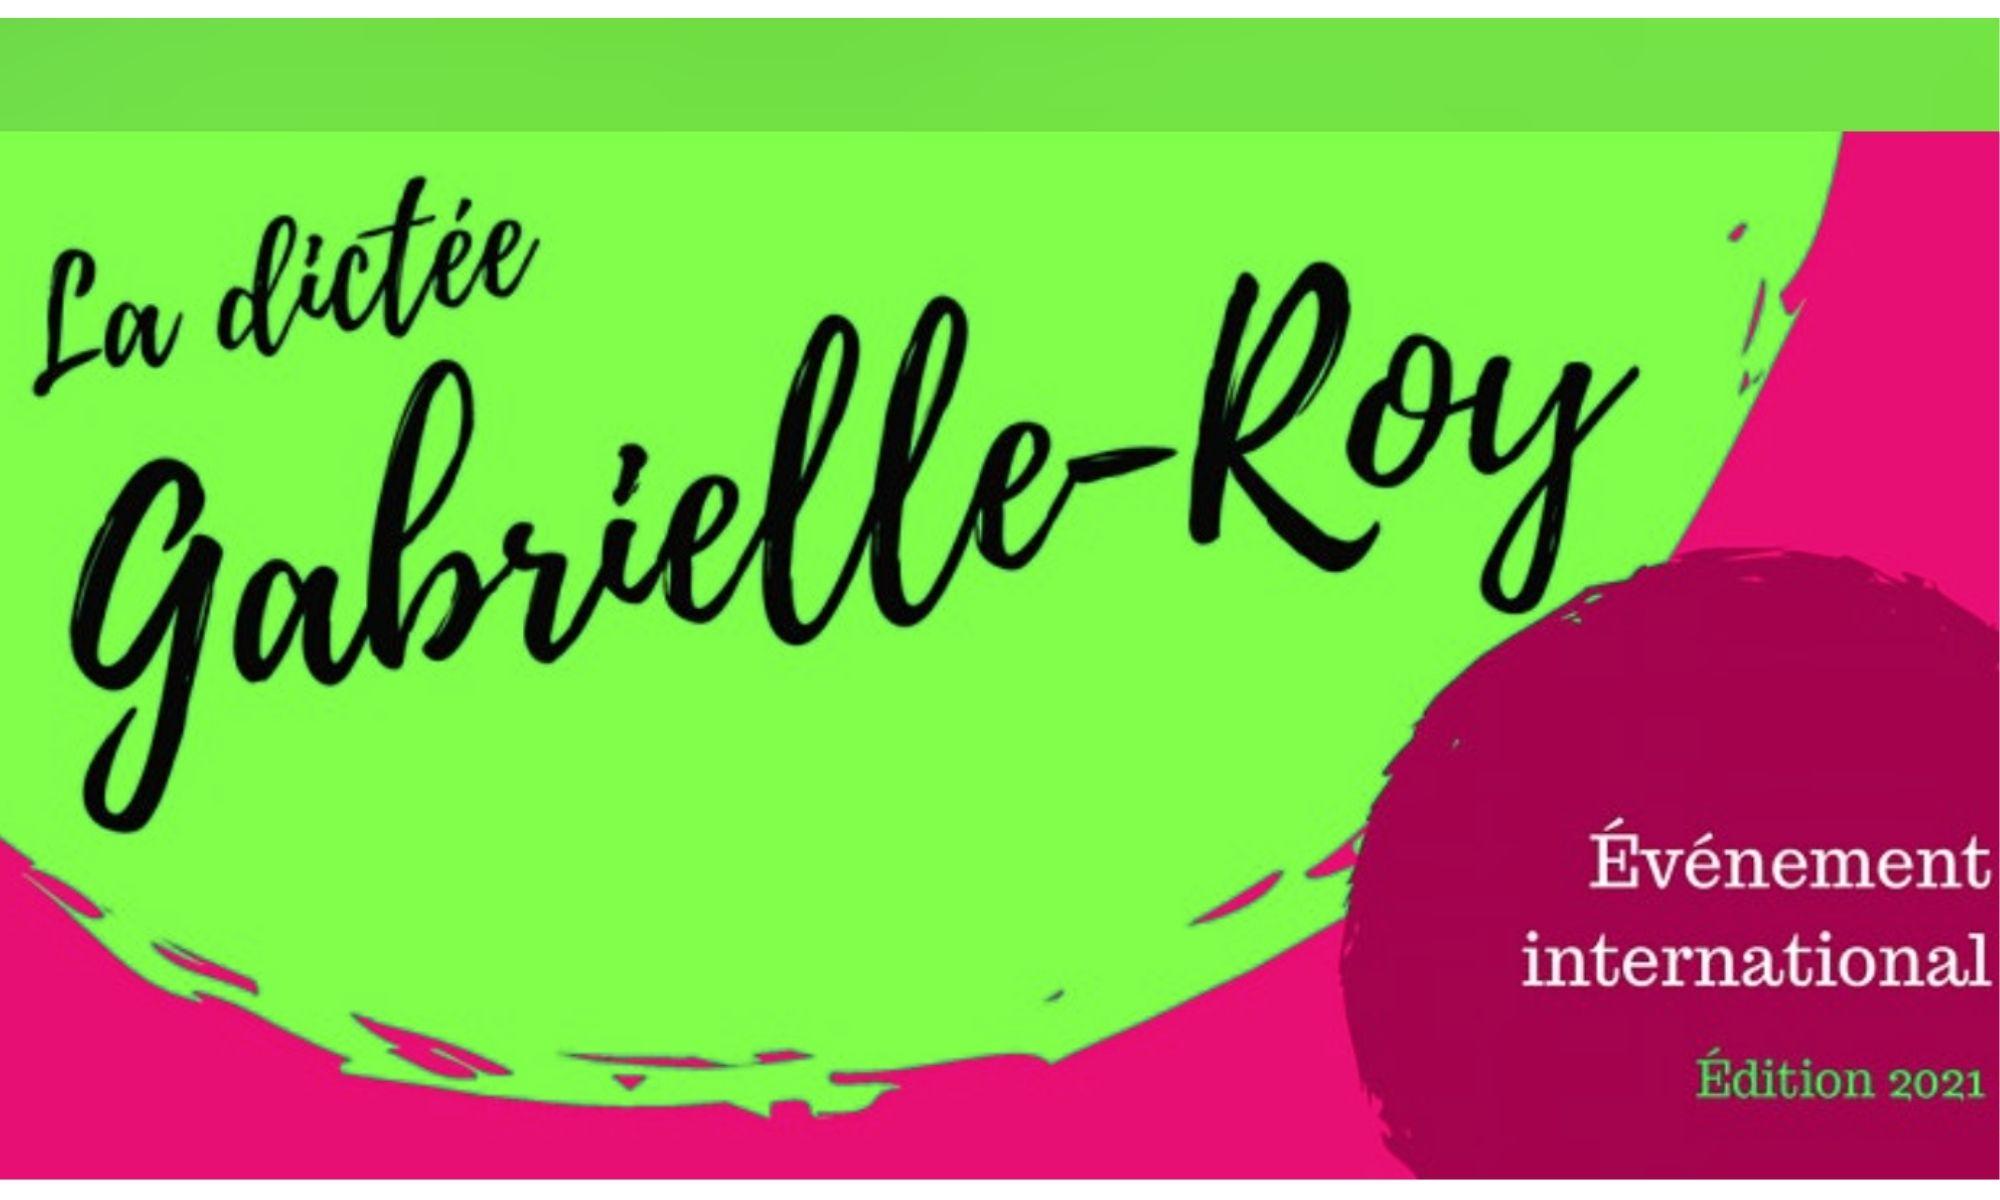 Francophonie : La dictée de Gabrielle-Roy